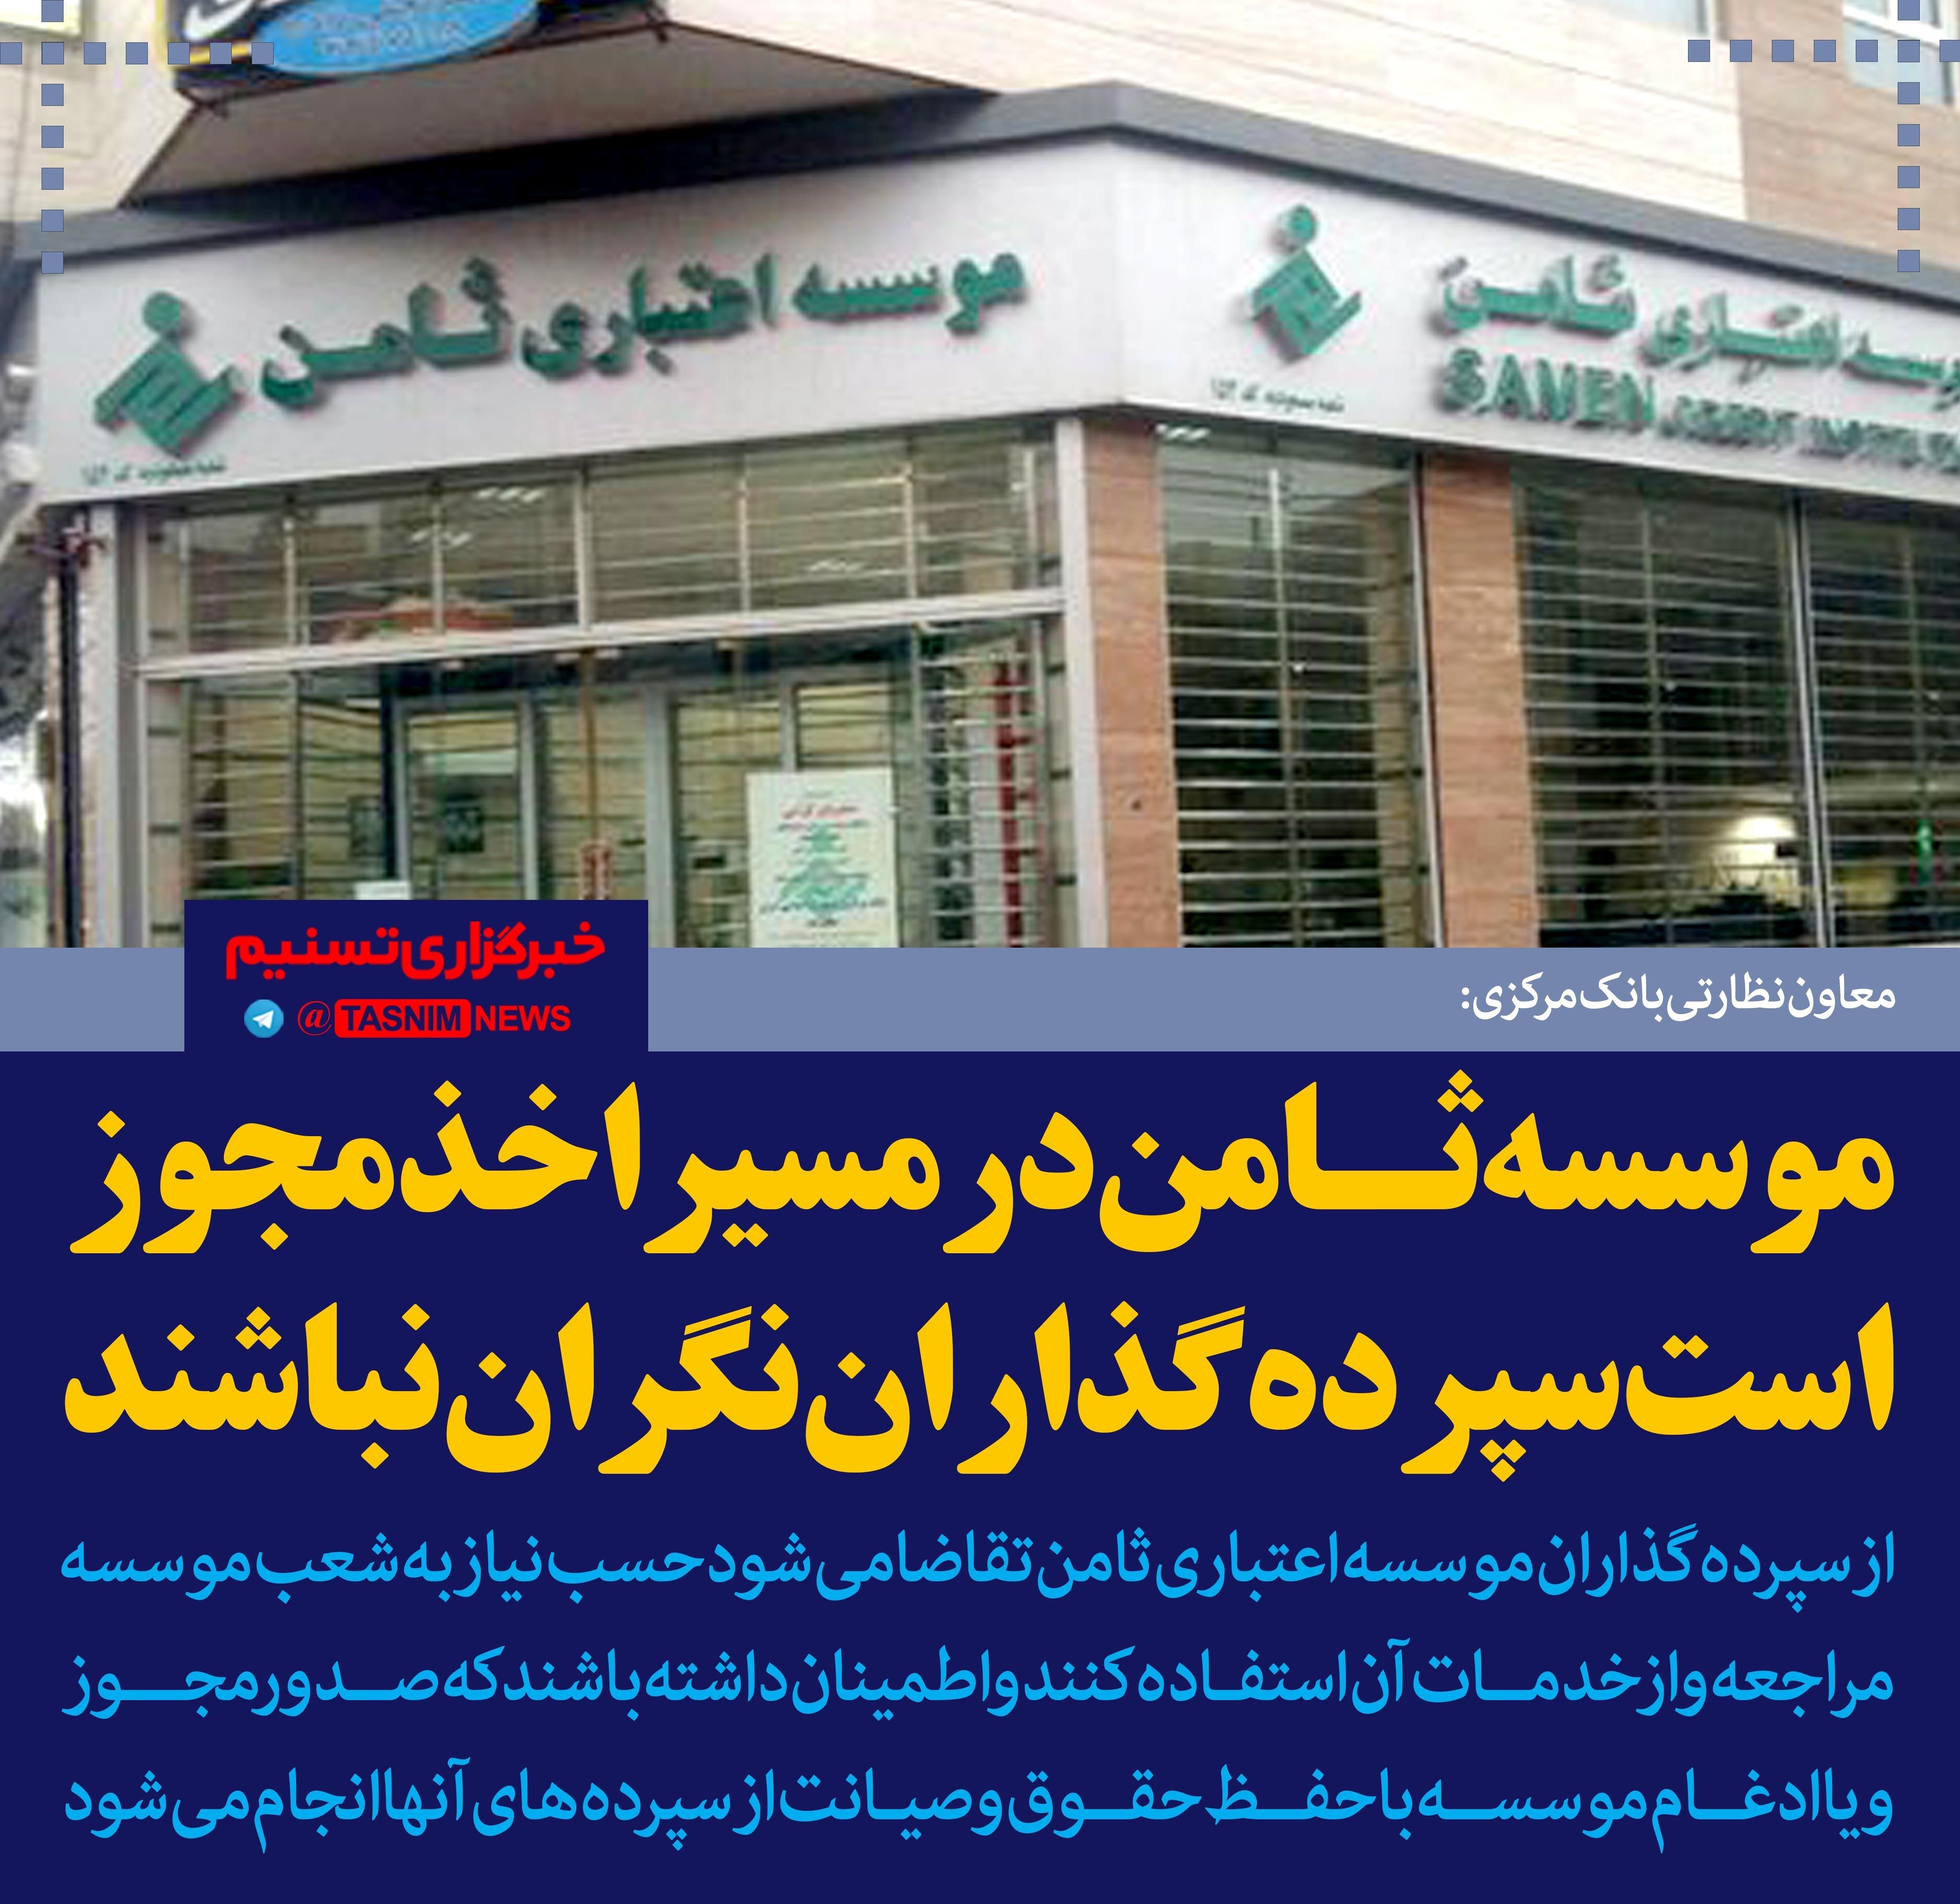 فتوتیتر/بانک مرکزی:موسسه ثامن در مسیر اخذ مجوز است؛ سپردهگذاران نگران نباشند